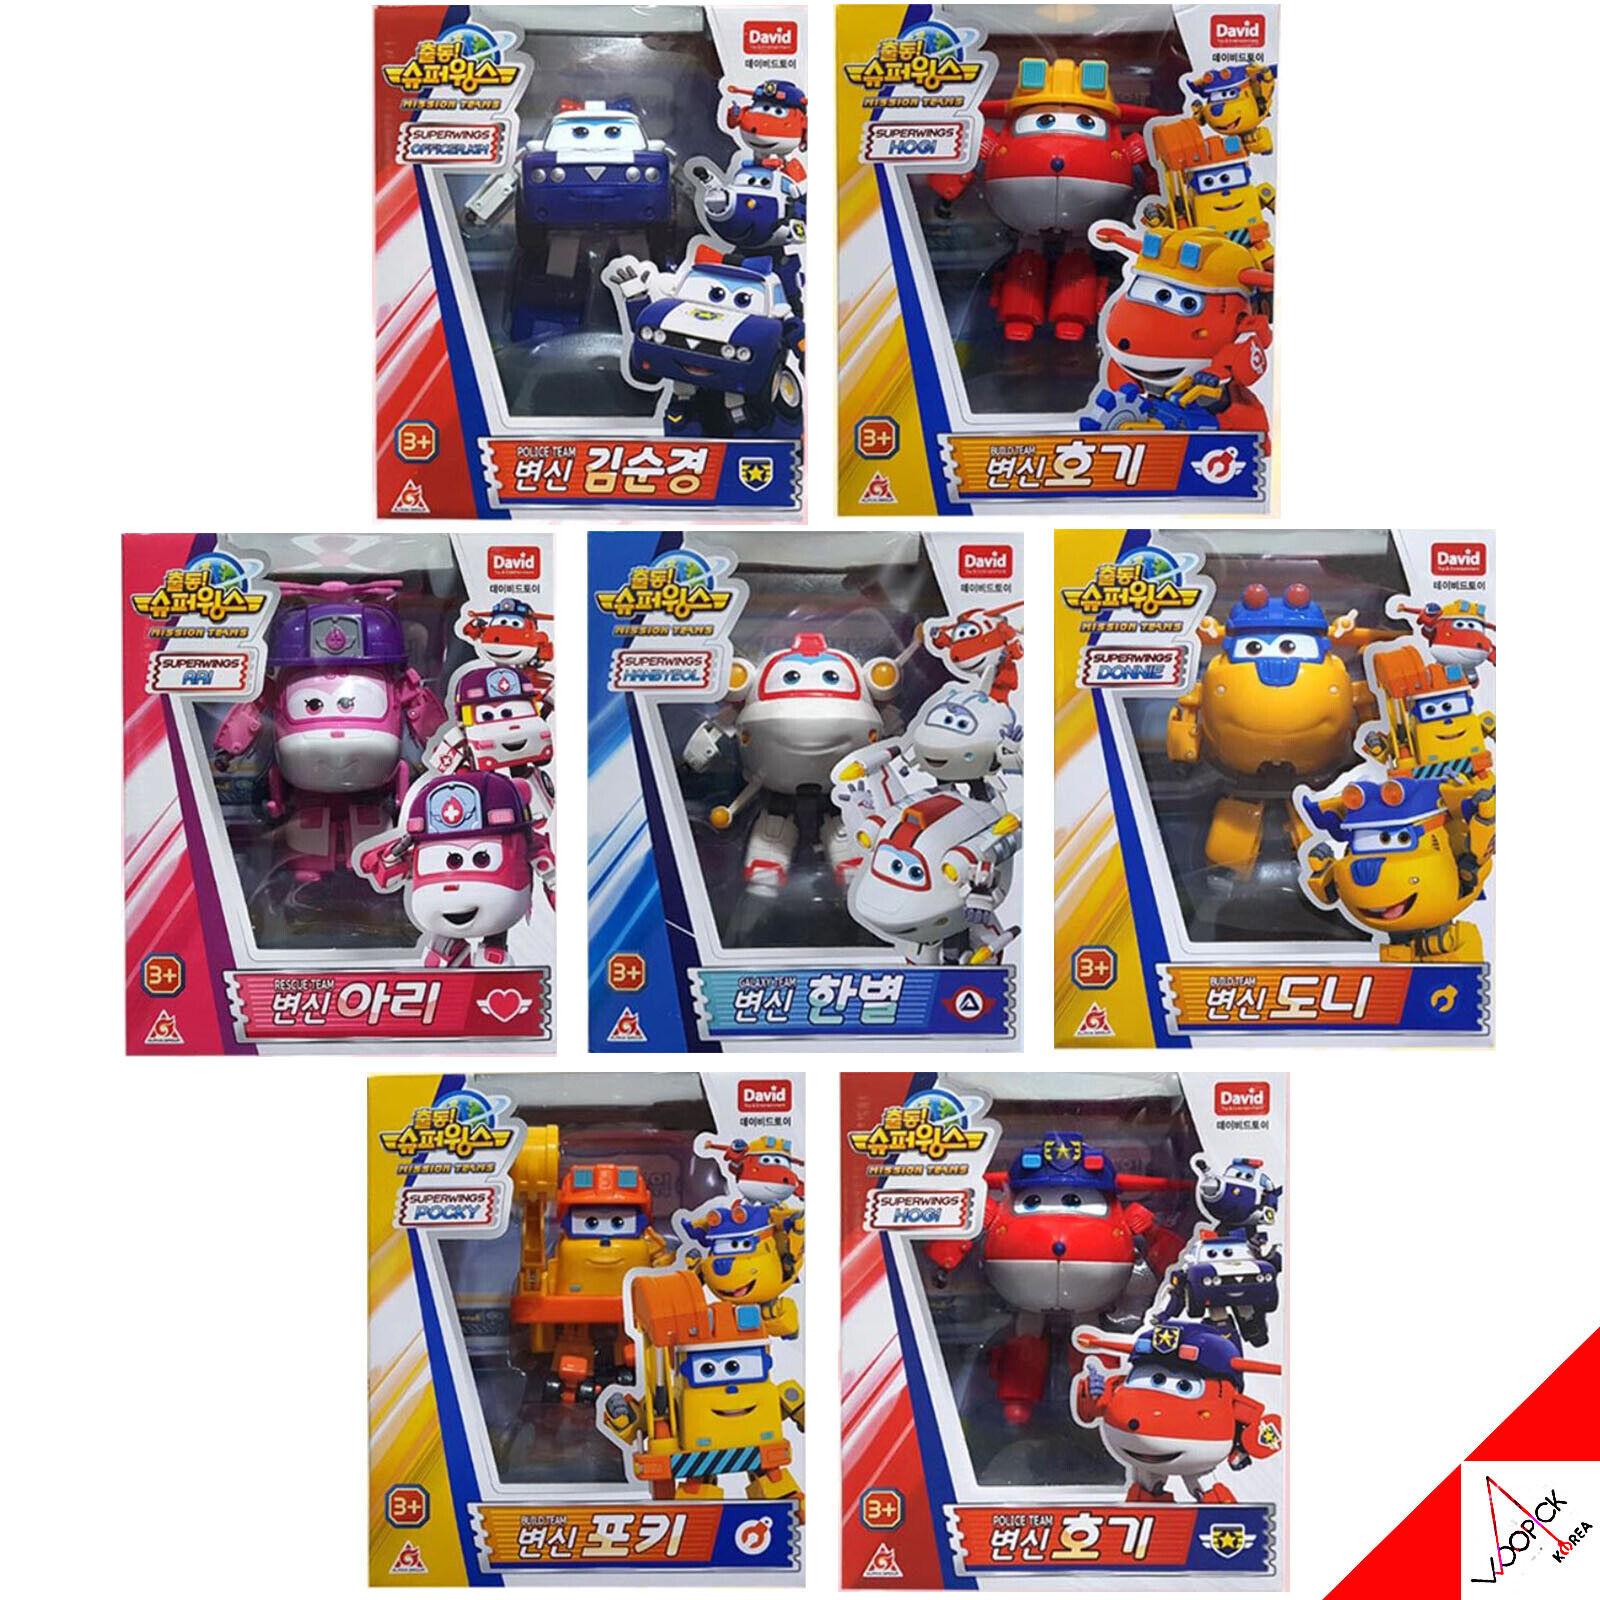 súper alas, Nueva temporada, Jet, Donnie, pino, mareo...EsES juguete robot transformador de 7 piezas